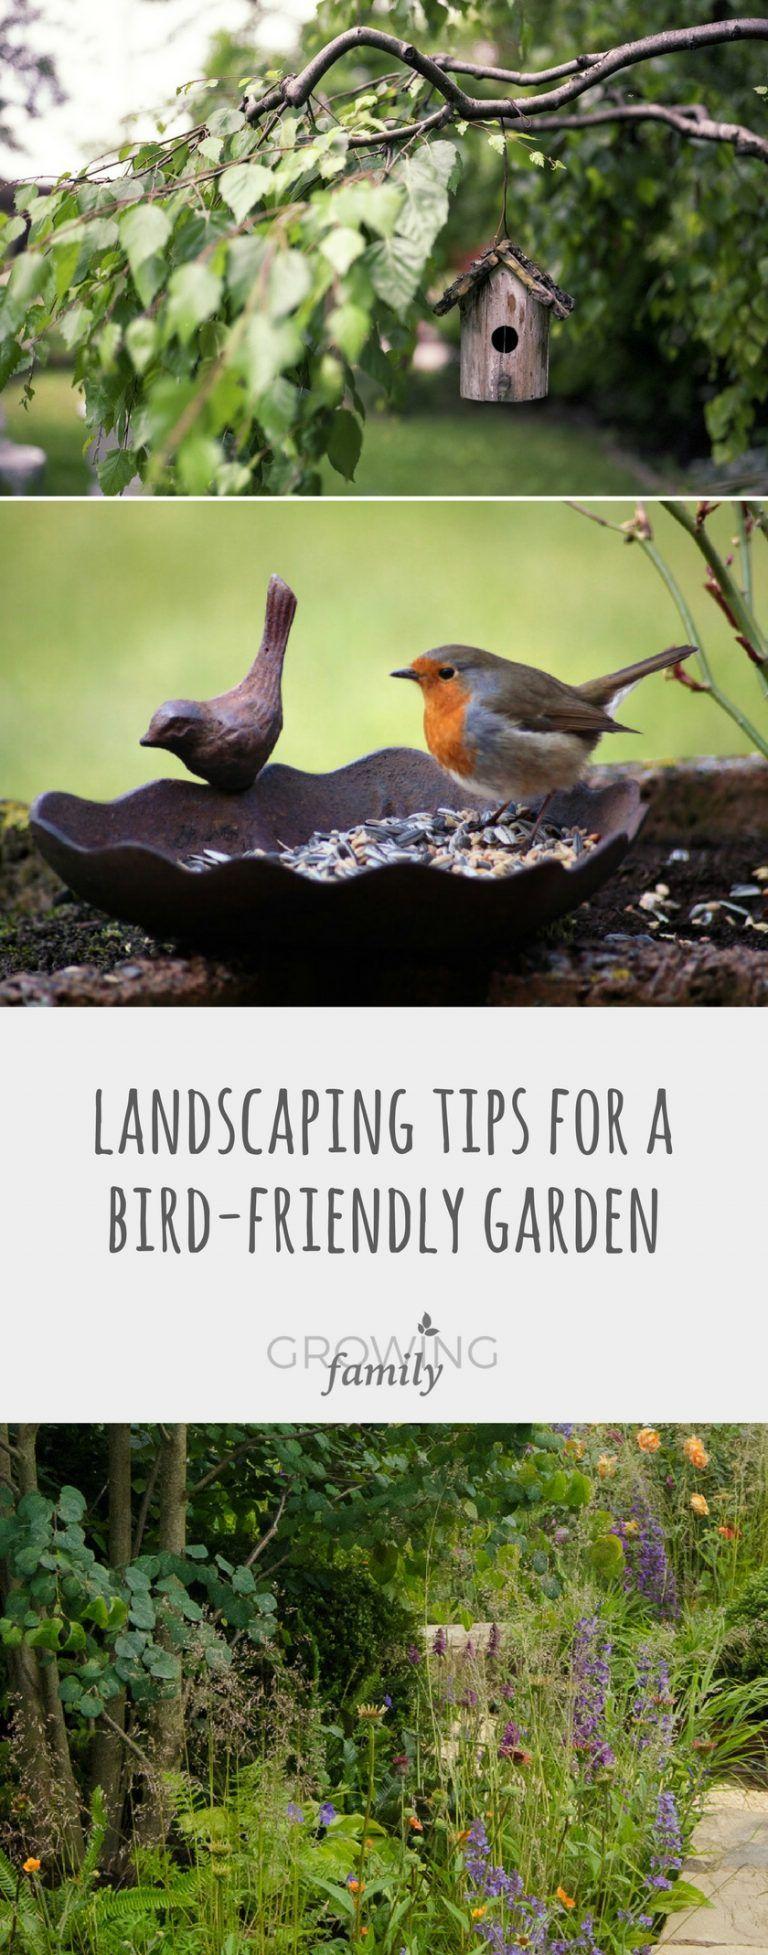 BirdFriendly Garden Landscaping Small garden birds